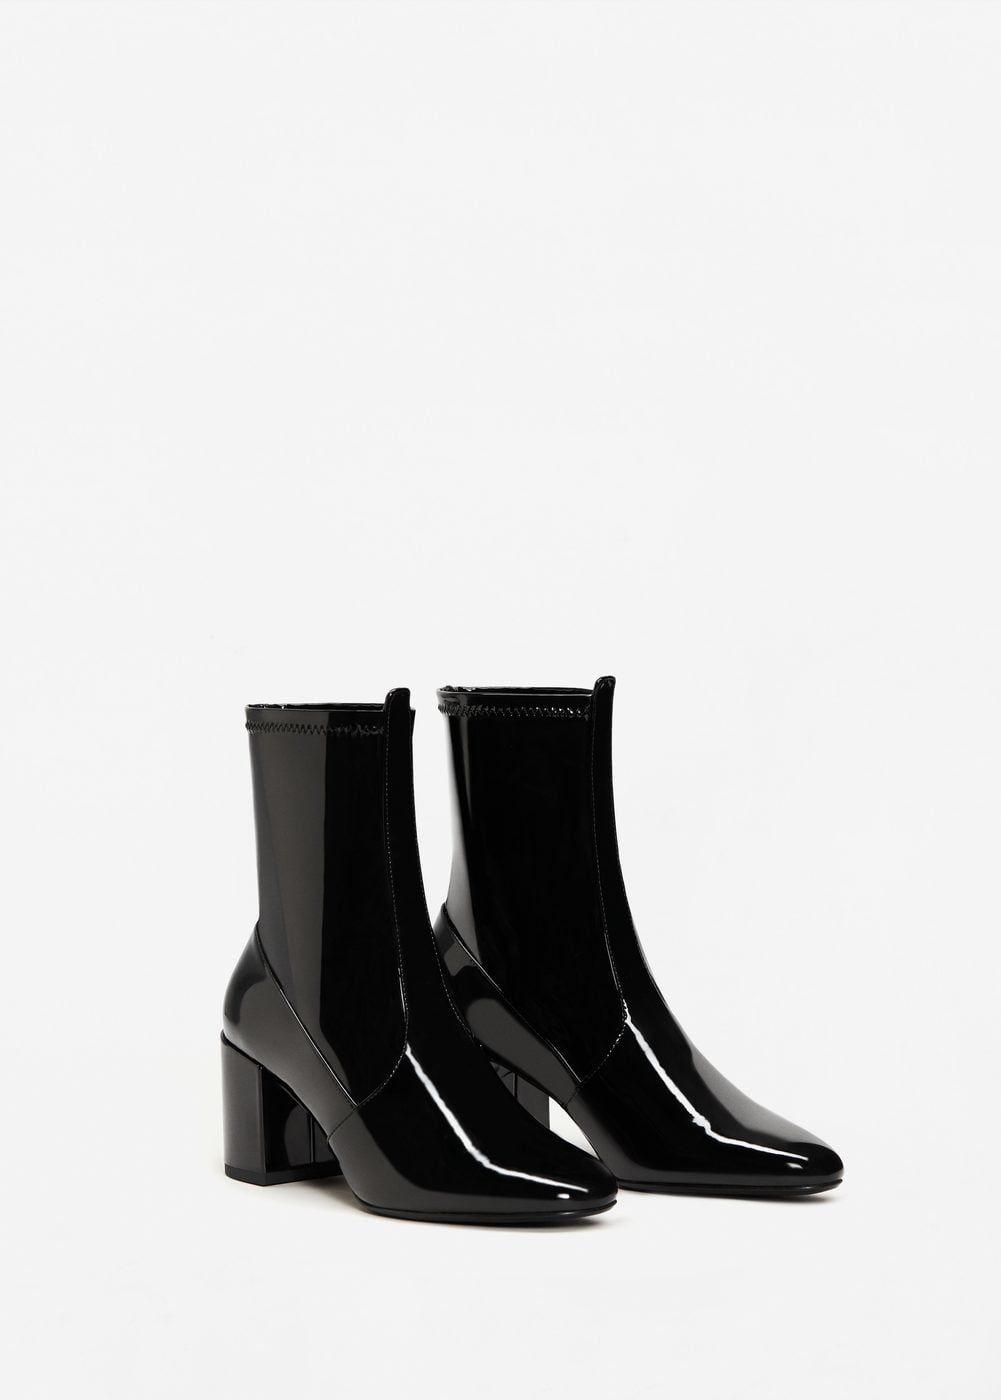 fc96dc1feac62 Botín charol - Zapatos de Mujer